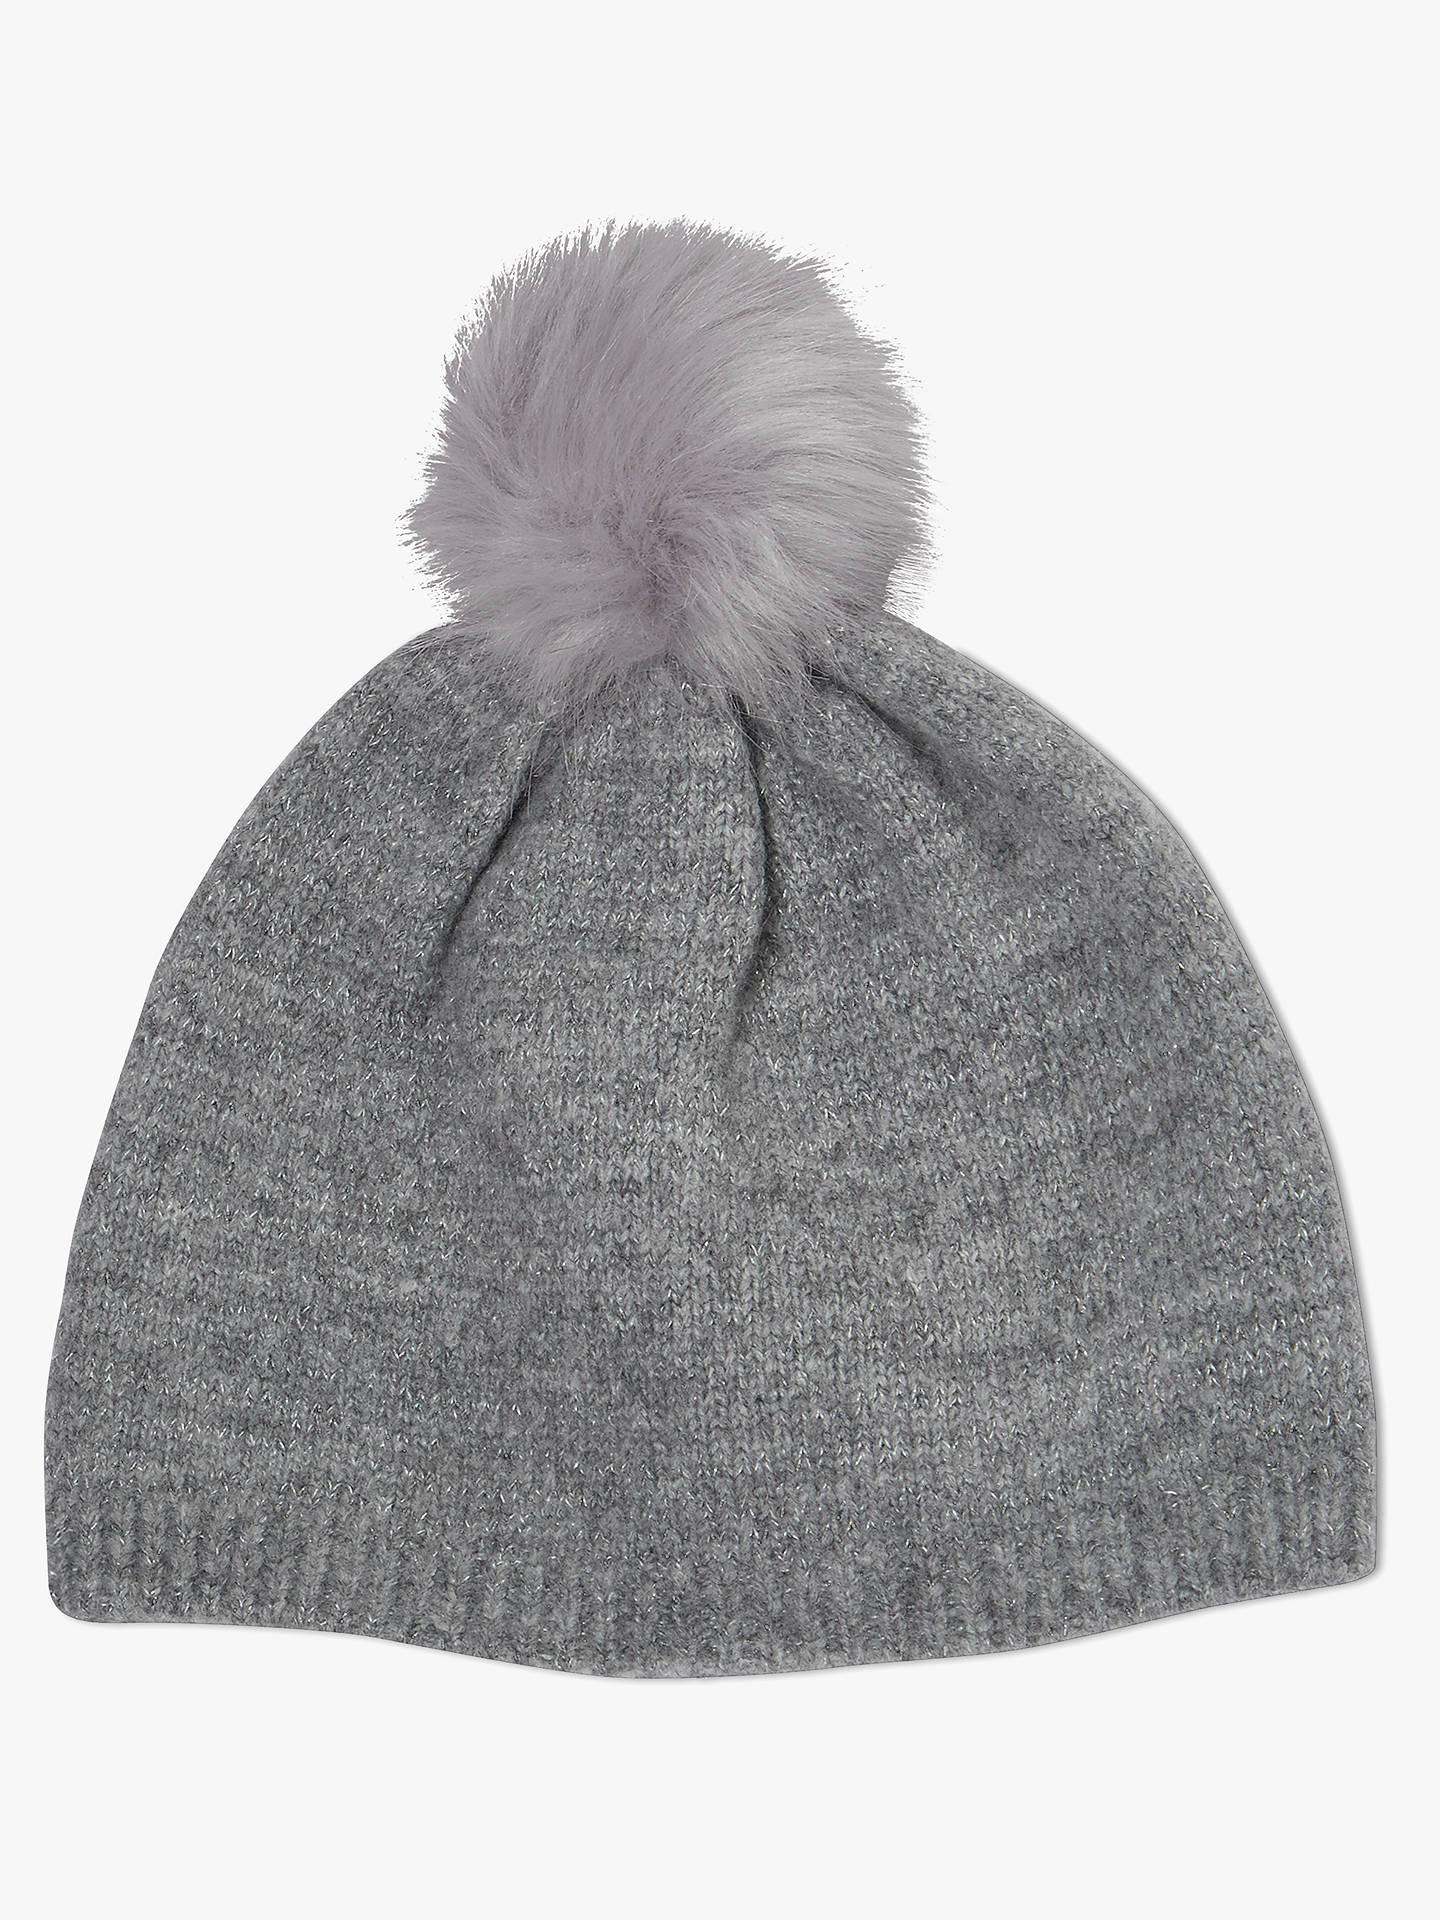 194fd0f693098 Buy John Lewis   Partners Children s Glitter Beanie Hat